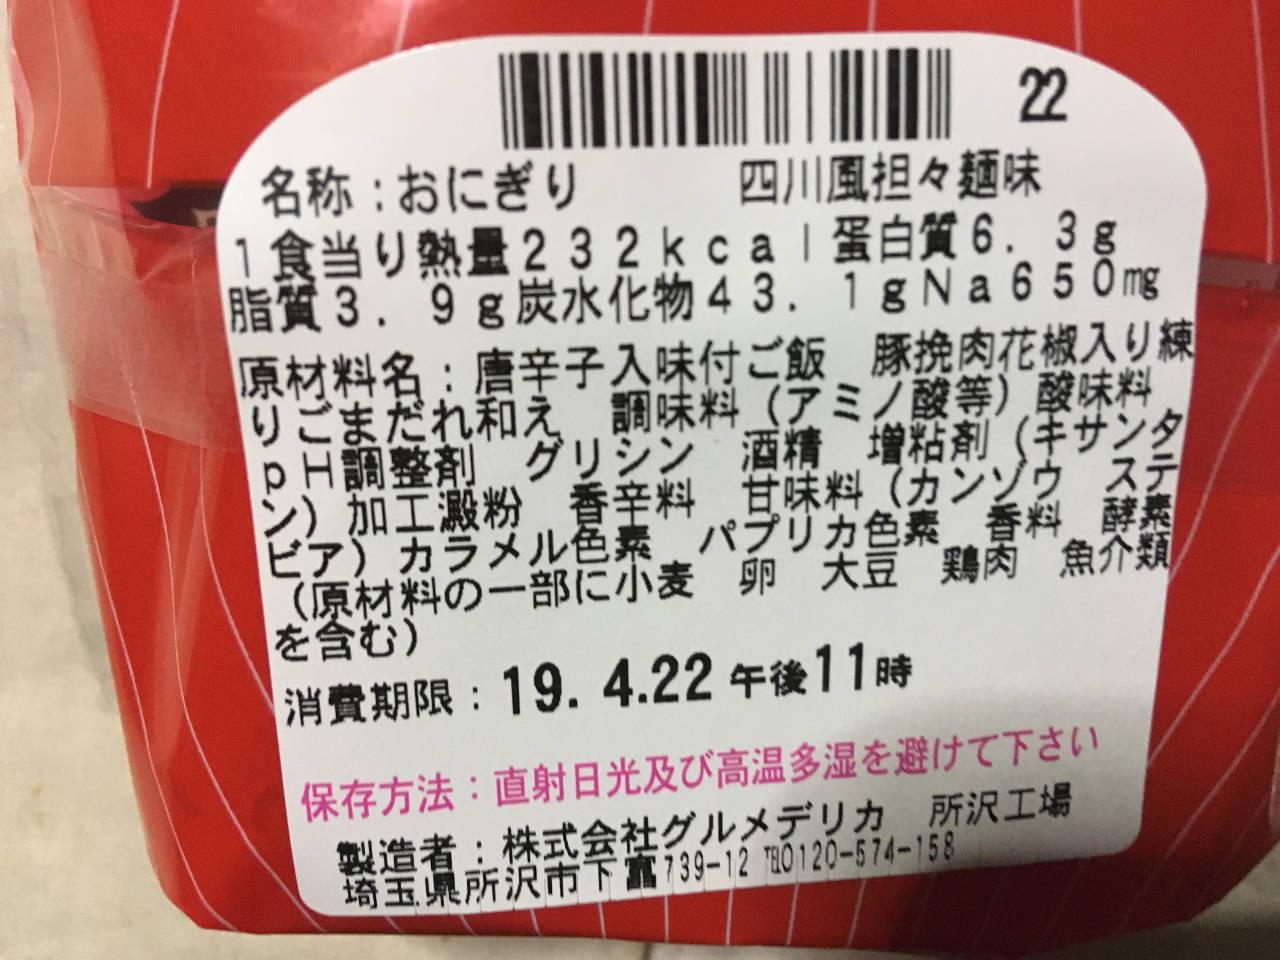 悪魔のおにぎり四川風担々麺味|栄養成分表示